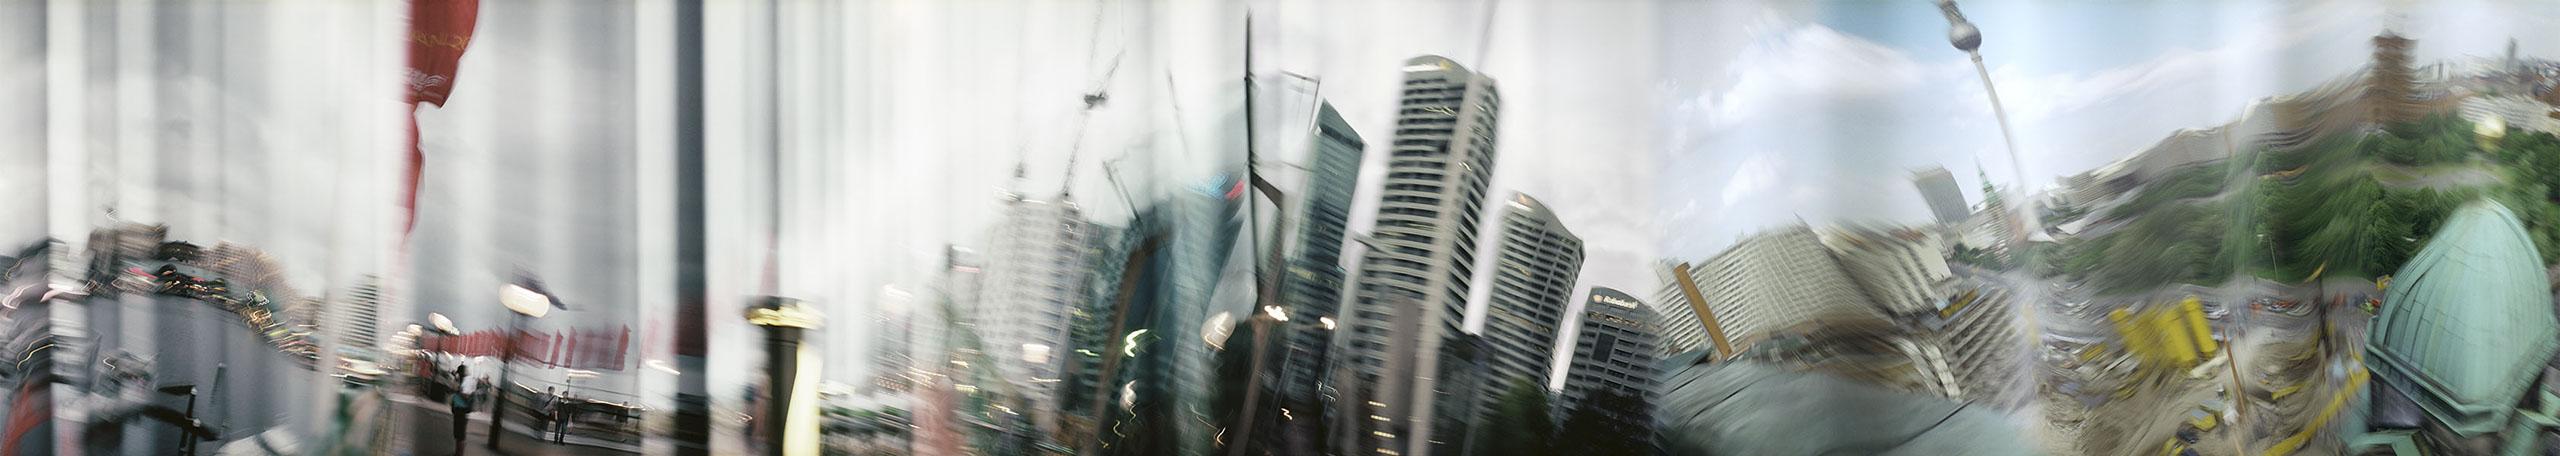 SYD Sydney   BER Berlin